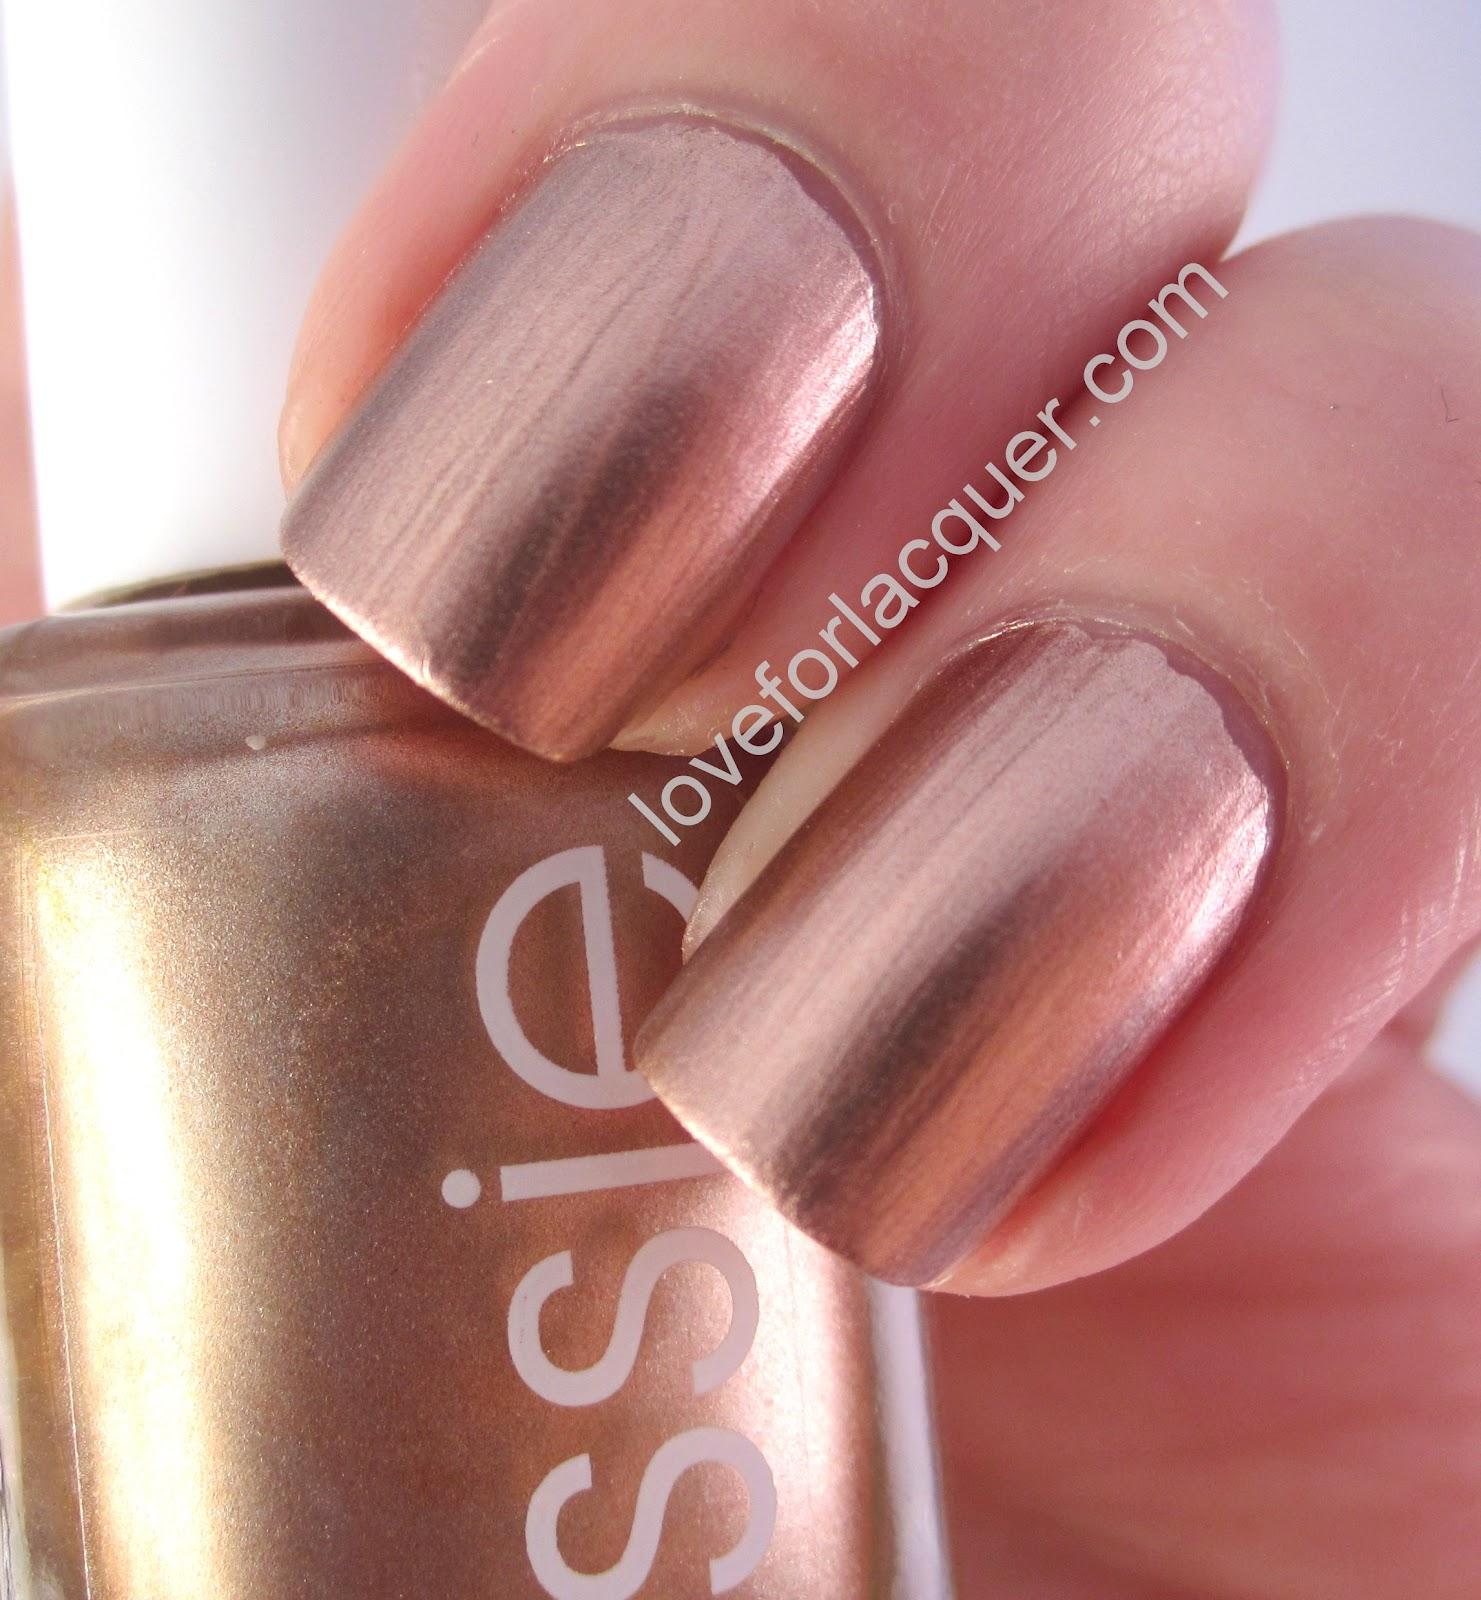 Mirror Nail Polish Essie - Creative Touch